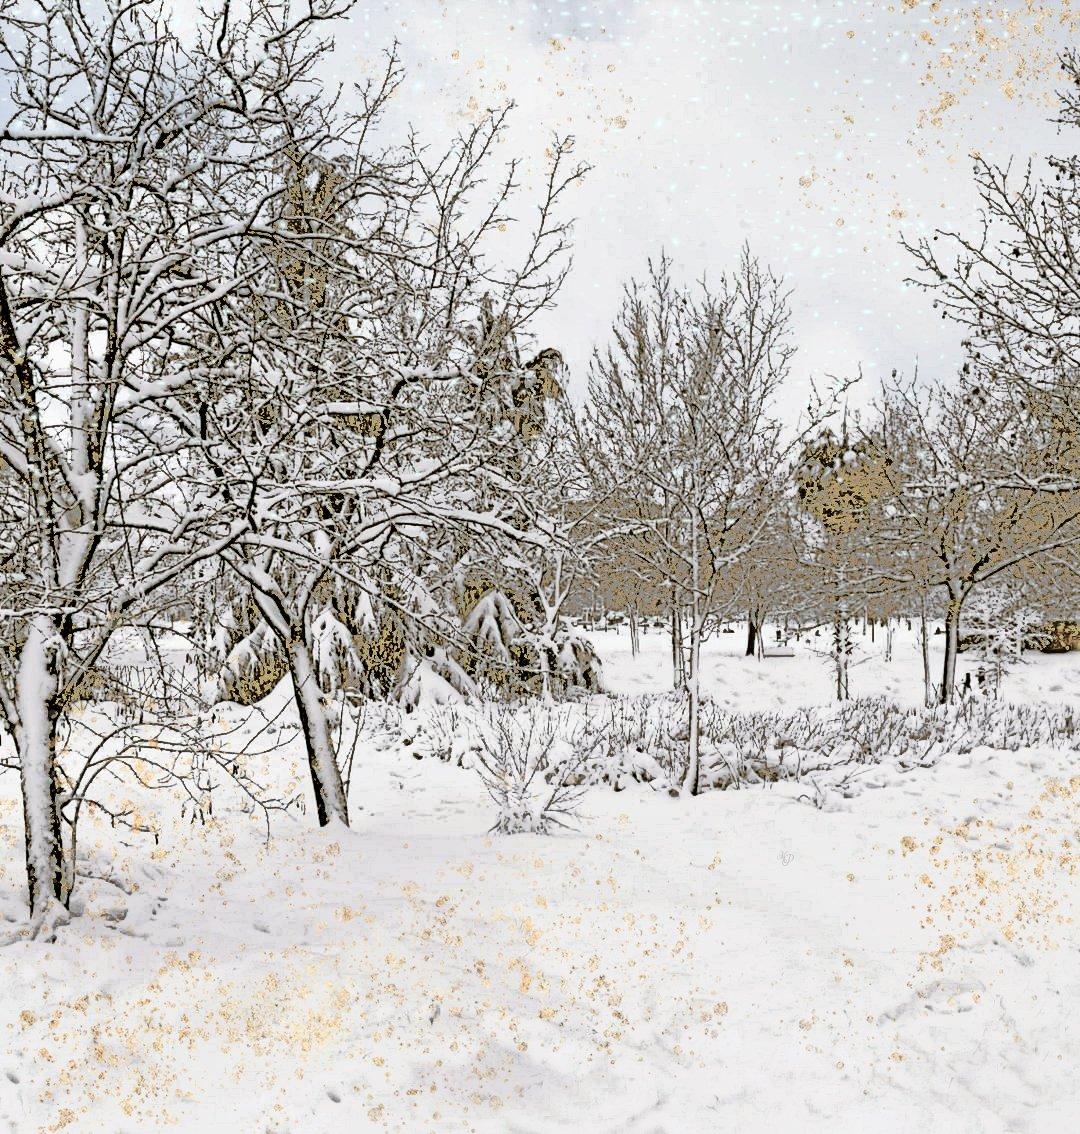 Jugando con la nieve...retoque fotográfico 🖌️📸.    #Filomenamadrid #filomena #BorrascaFilomena #Madrid  #rastro #nieve #borrasca #snow  #españa #fotografia #photography #foto #photo #fotografiaurbana #streetphotography #travelphotography #fotodeviajes